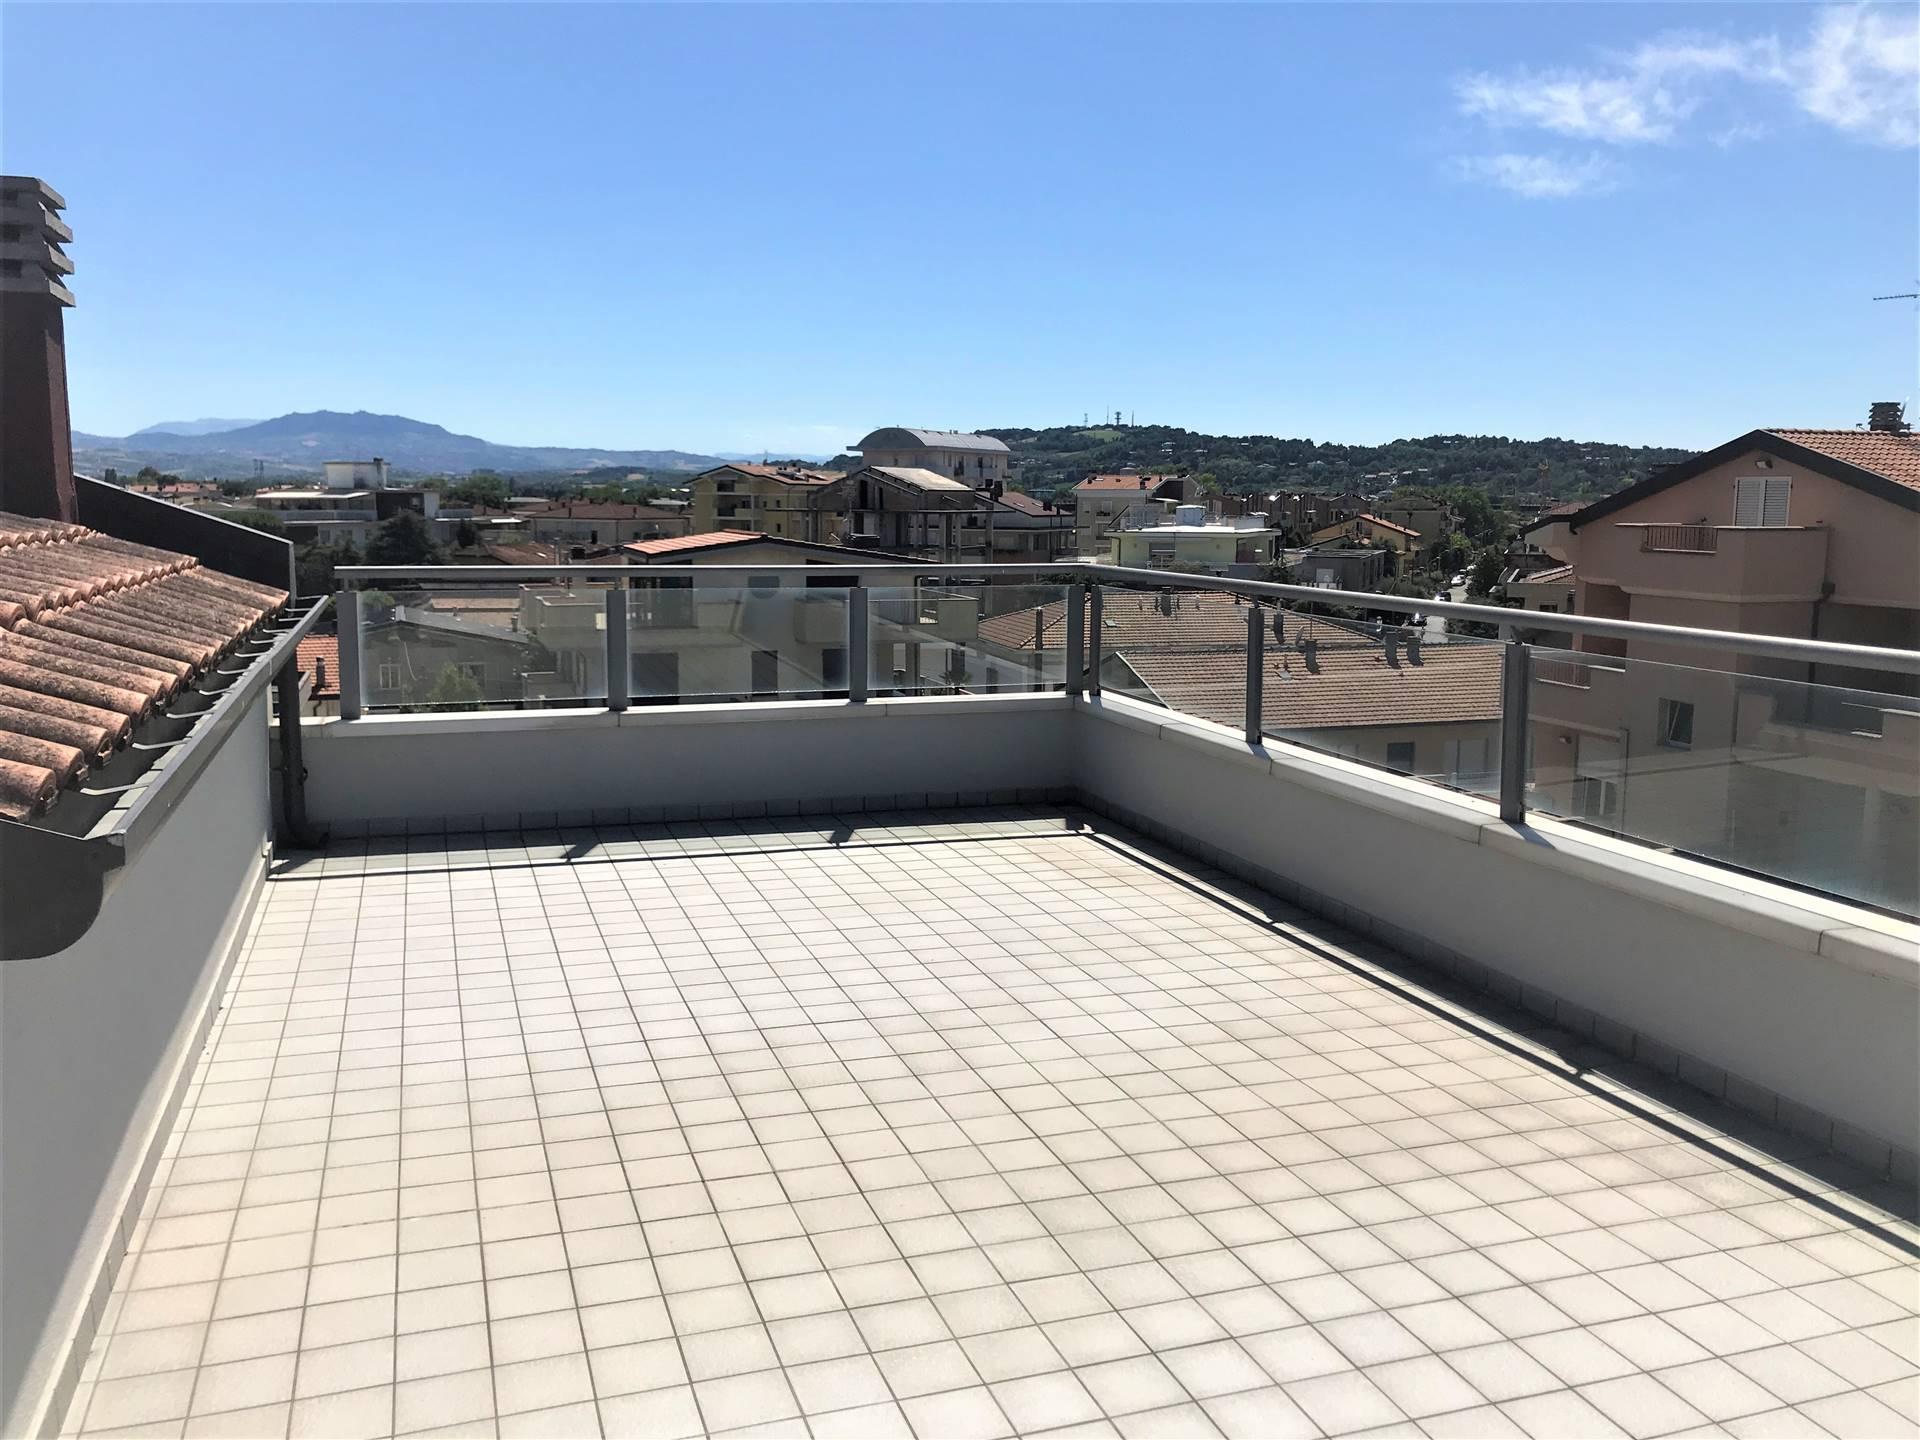 Attico / Mansarda in vendita a Rimini, 5 locali, prezzo € 410.000 | PortaleAgenzieImmobiliari.it